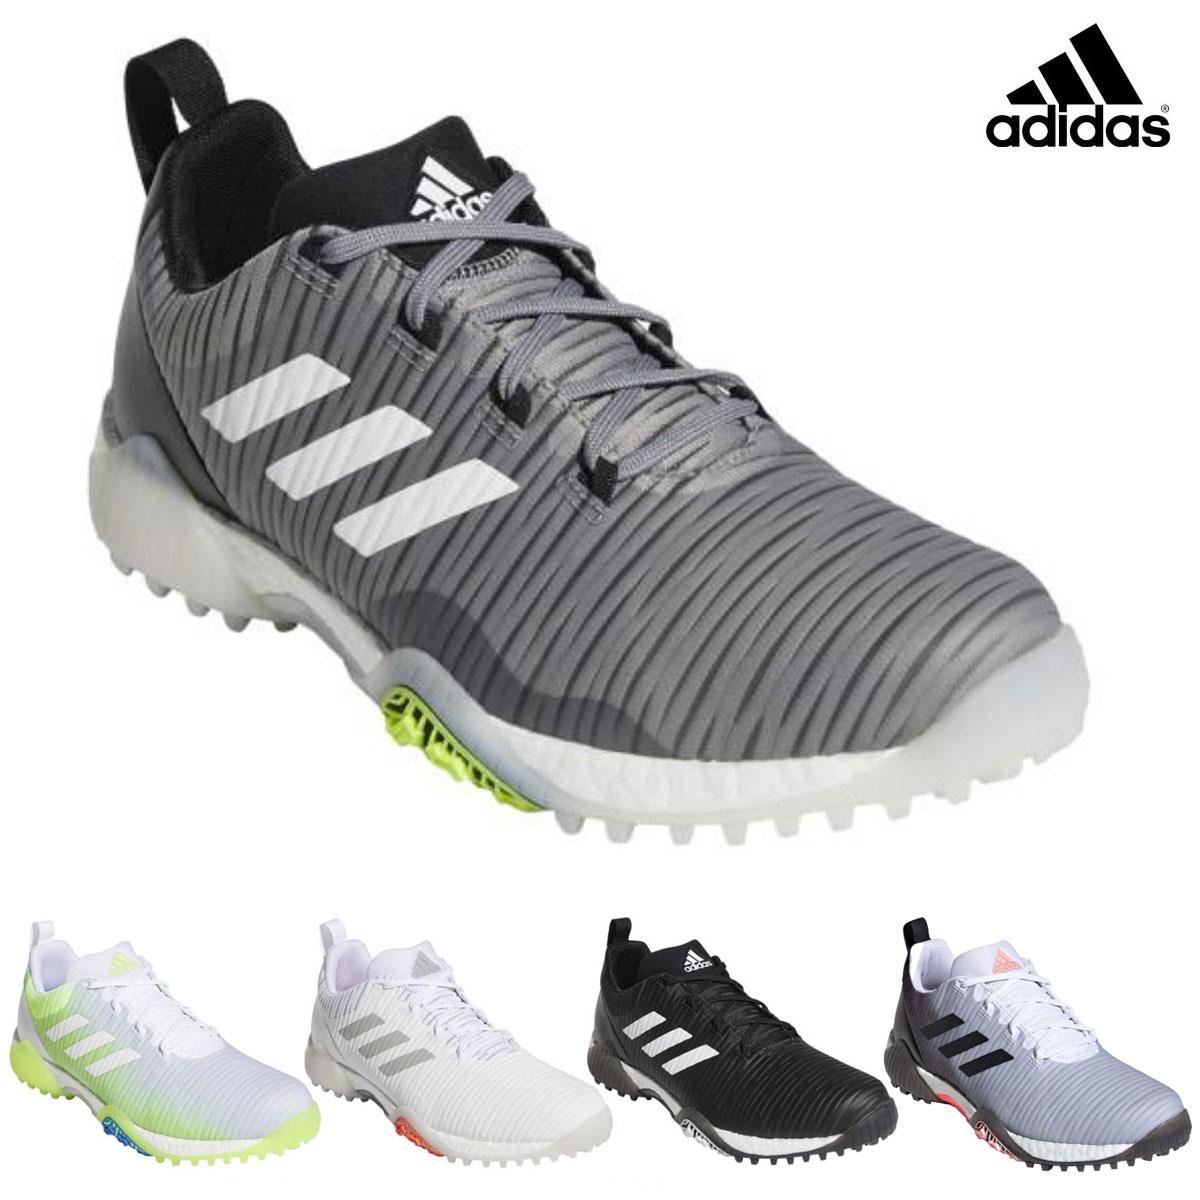 adidas Golf(アディダスゴルフ)日本正規品 CODECHAOS (コードカオス) スパイクレスゴルフシューズ 2020新製品 「EPC15」 【あす楽対応】